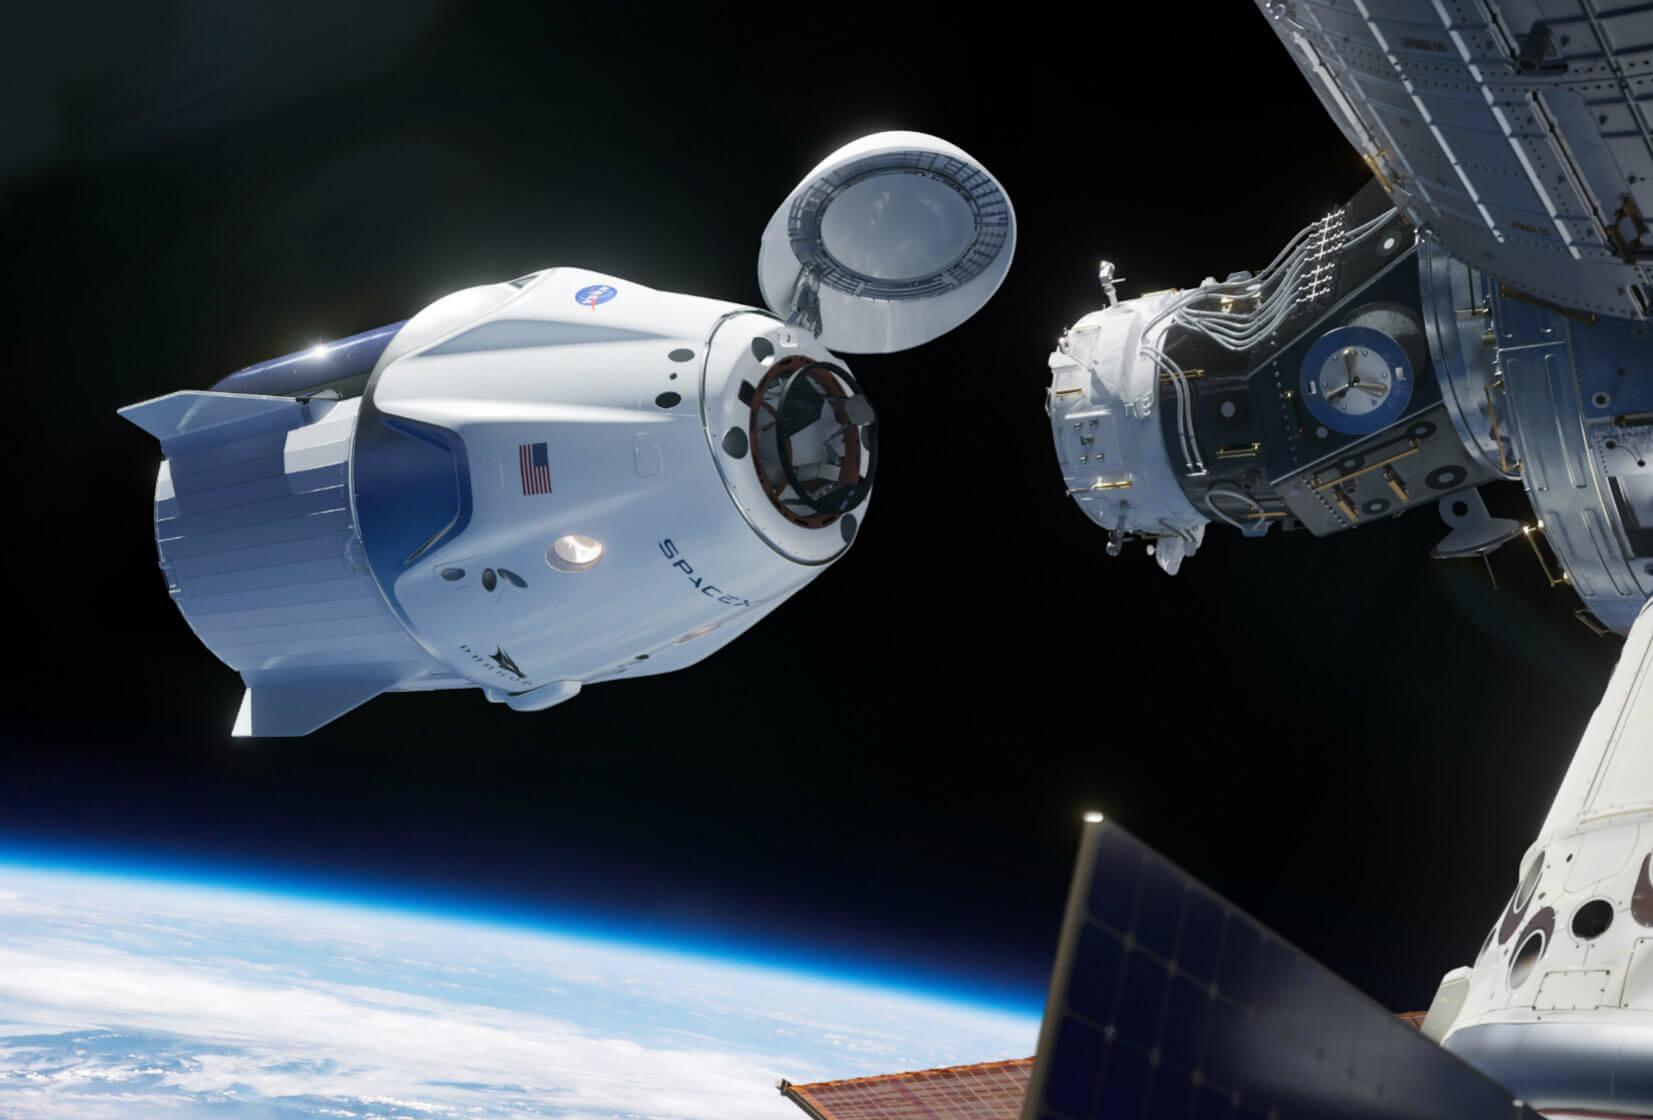 اتصال کرو دراگون با ایتسگاه بین فضایی بین المللی